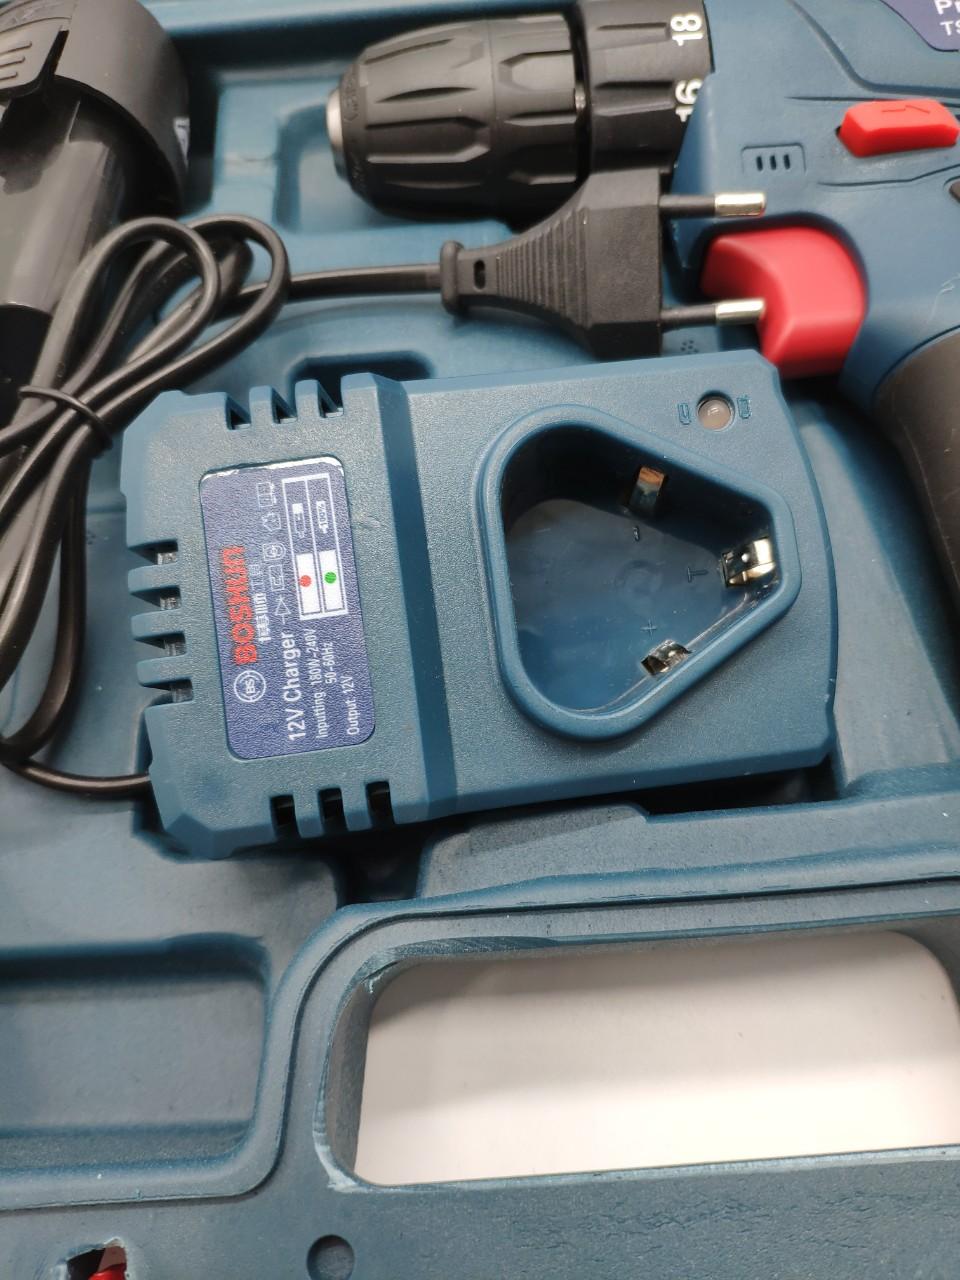 Bộ máy khoan 2 PIN sửa chữa bắn vặn vít , khoan gỗ gạch sắt -BOSHUN